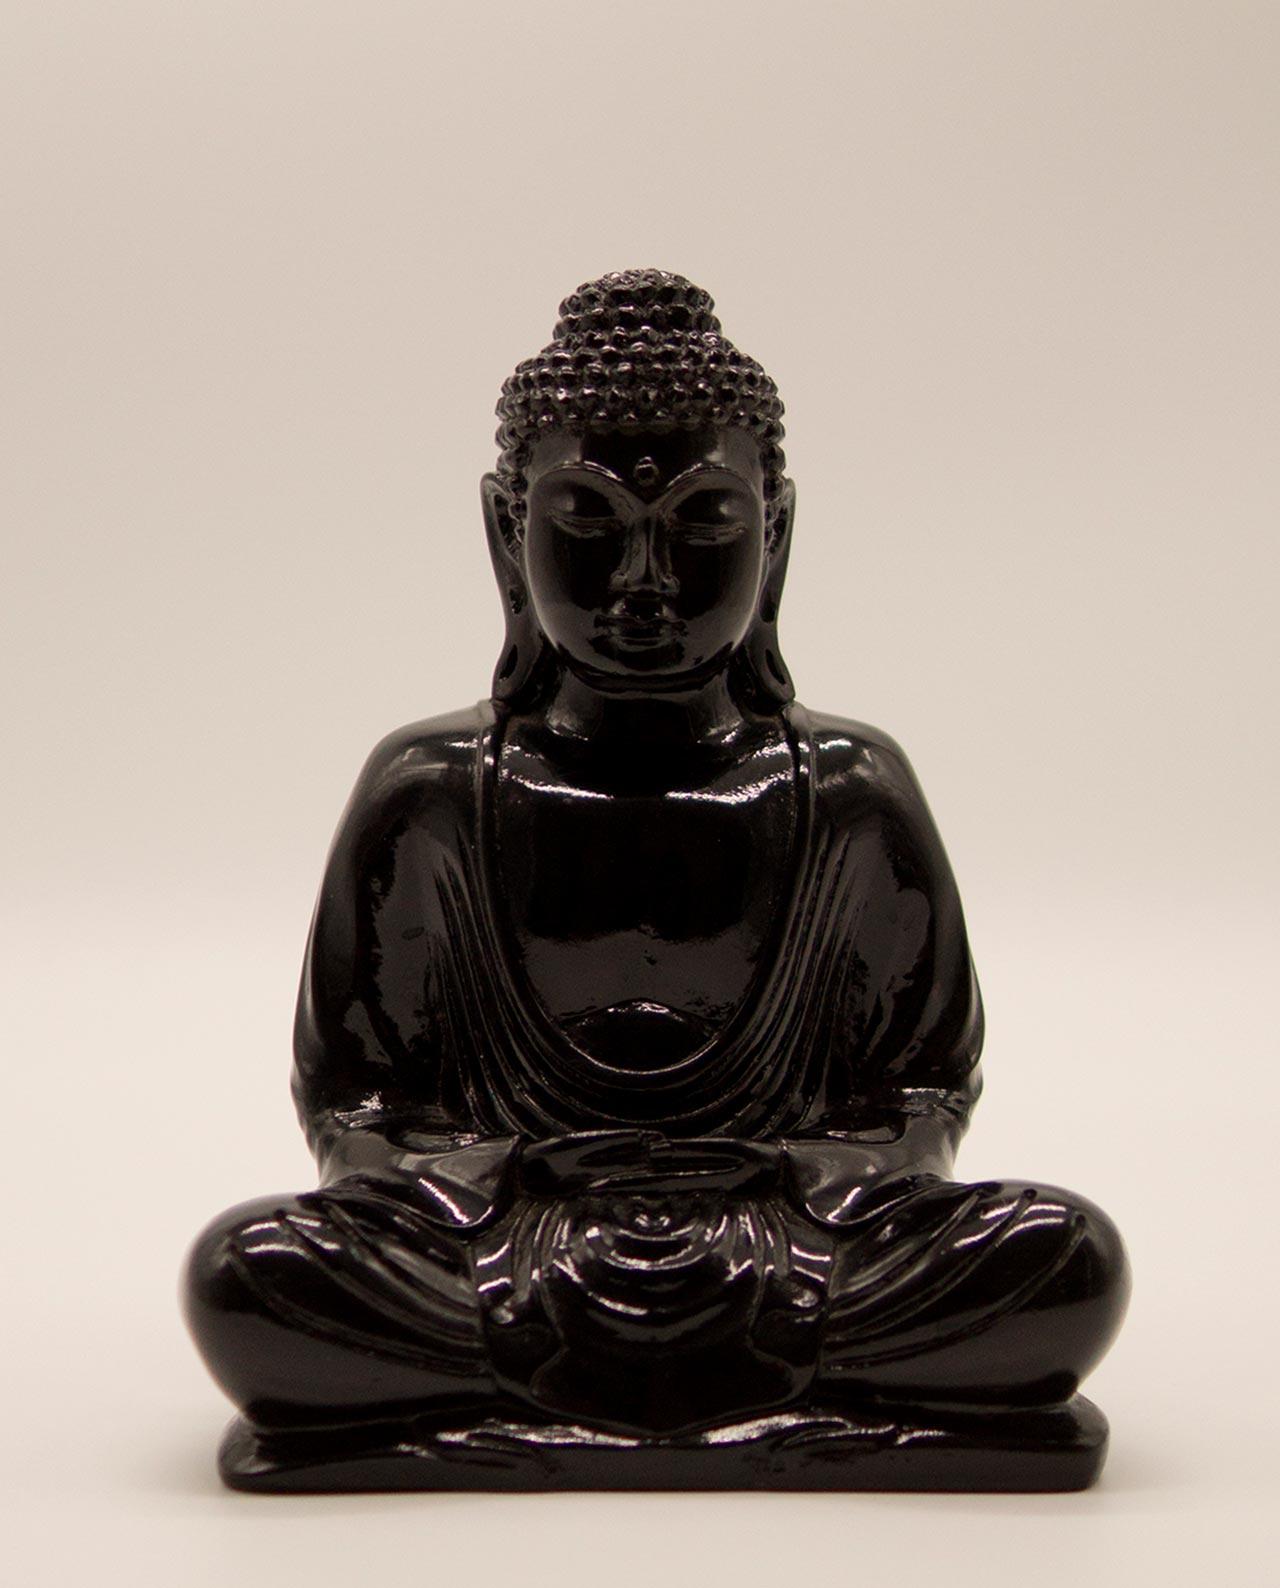 Βούδας ρητίνη ύψος 20 cm μαύρο